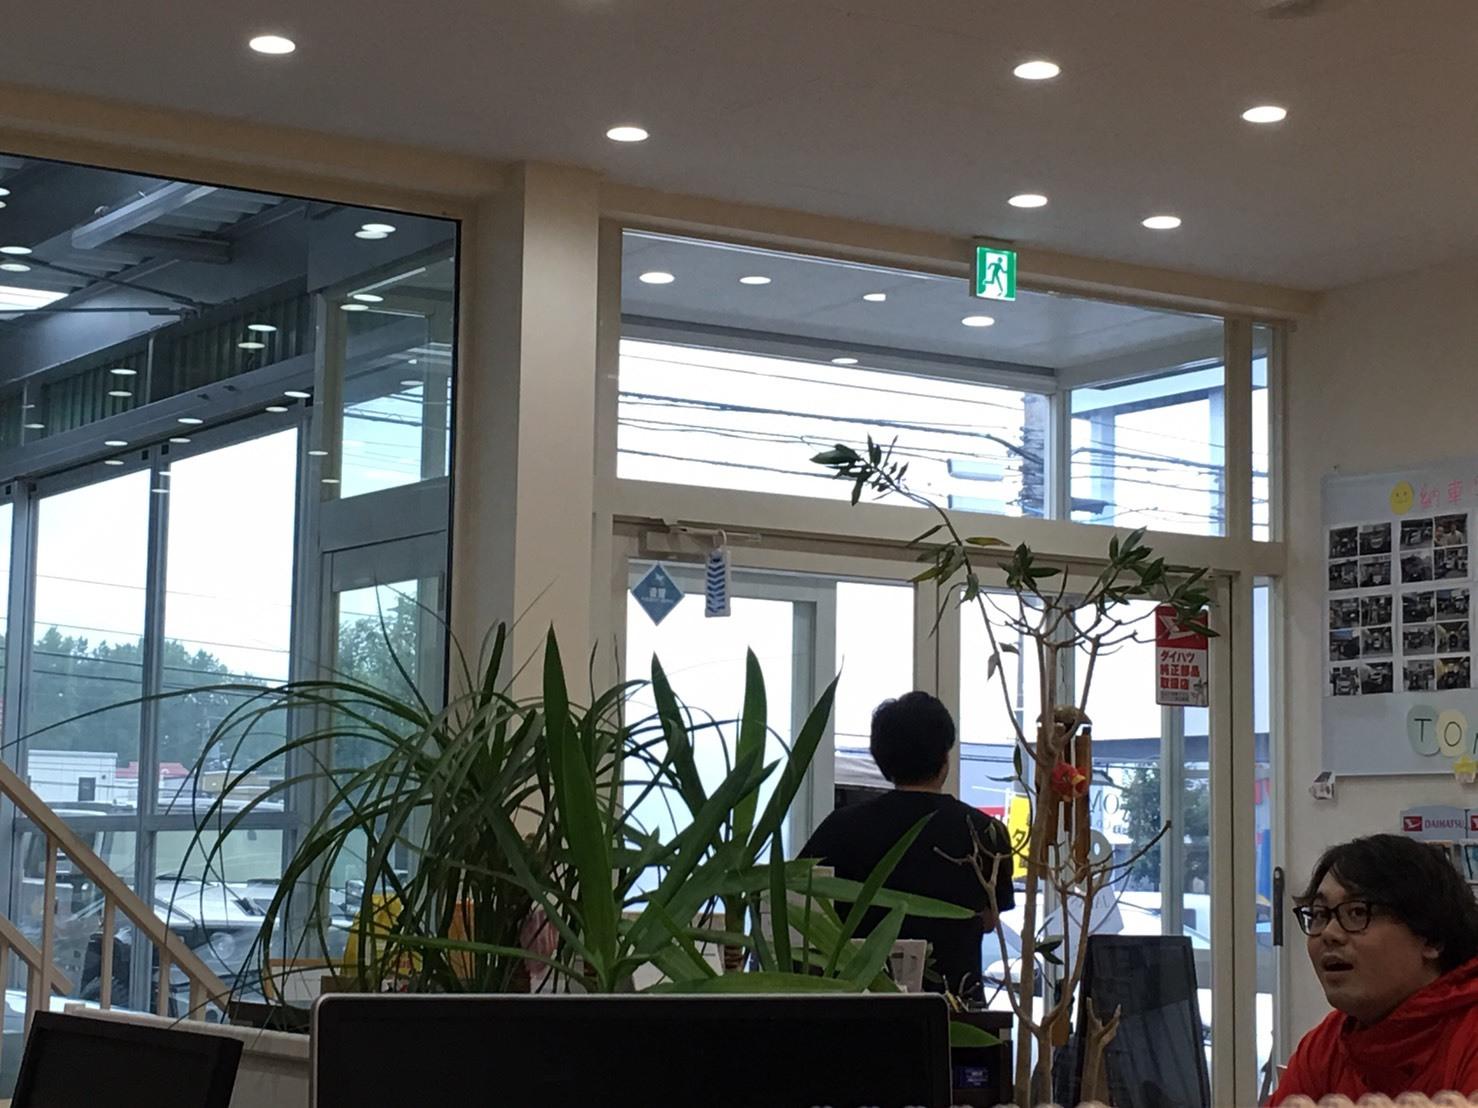 8月8日(木)本店ブログ♪ フォード エクスプローラー リミテッド 入庫しました ランクル ハマー アルファード♪_b0127002_18402505.jpg